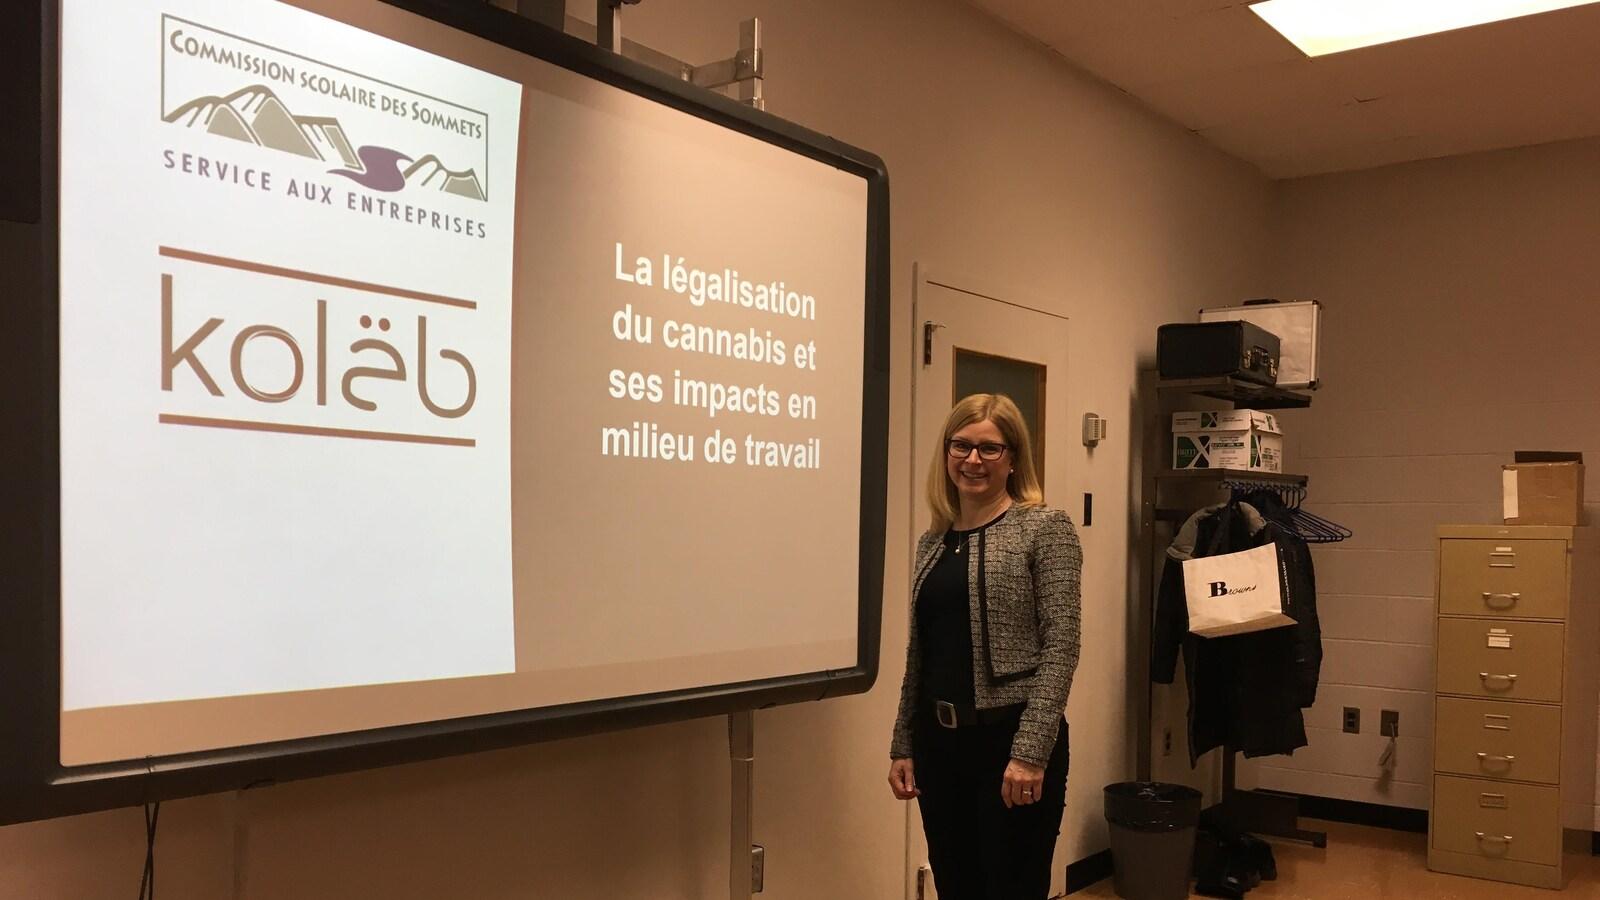 Une femme sourit à la caméra devant un tableau sur lequel est projeté le texte: «La légalisation du cannabis et ses impacts en milieu de travail» dans une salle de conférence.